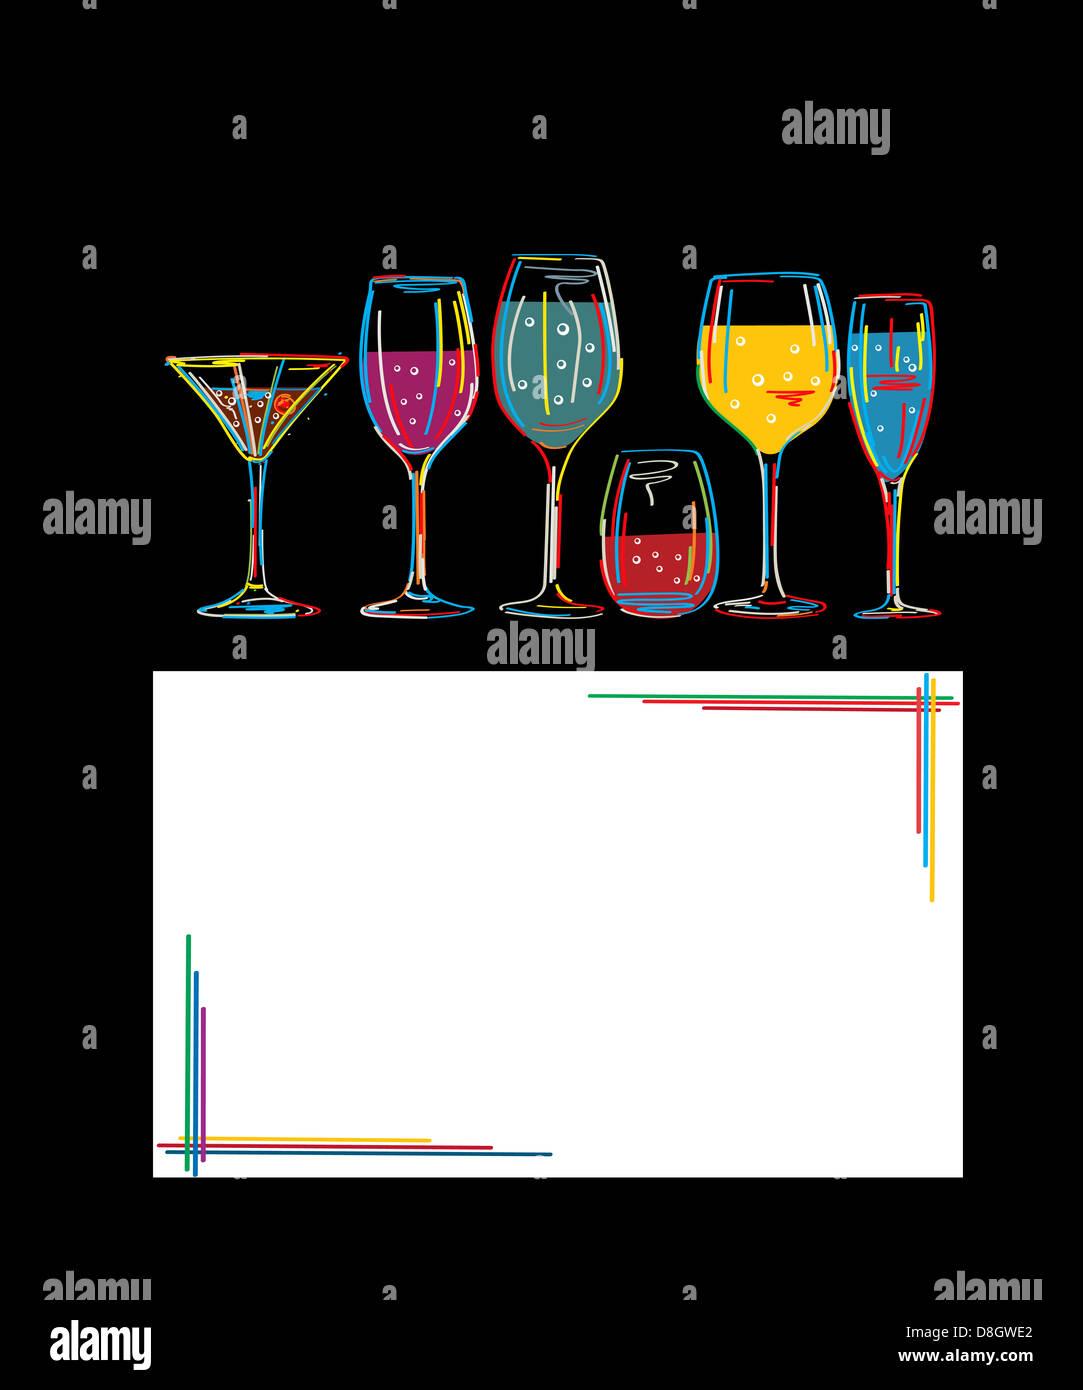 Cocktail menu card design stock photos cocktail menu for Cocktail 8 2